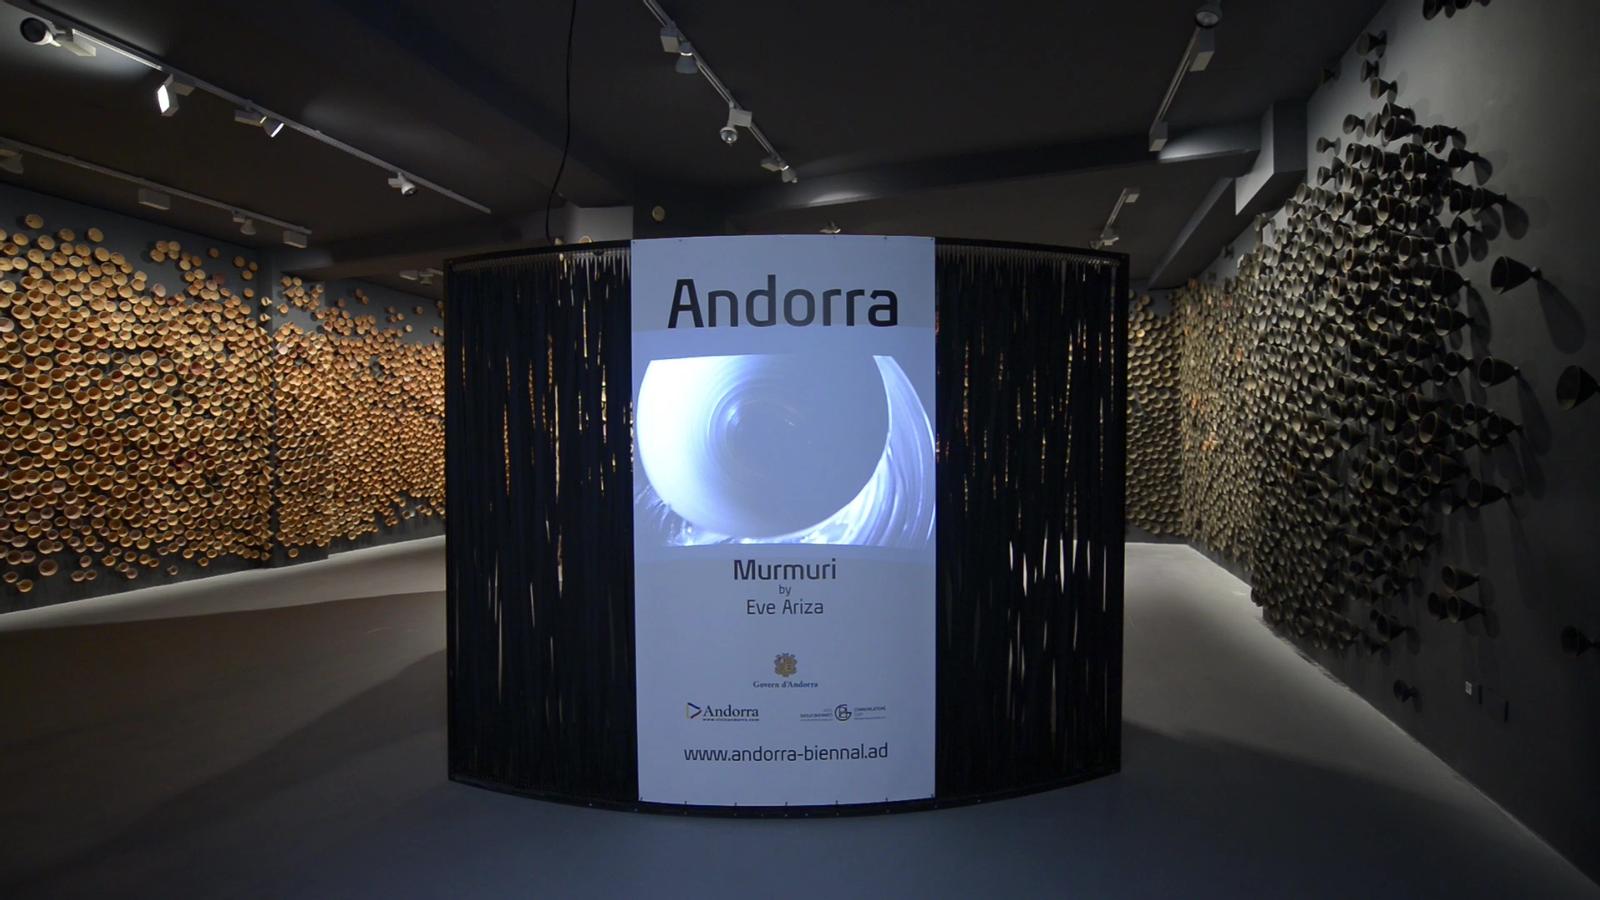 Inauguració del pavelló d'Andorra a la Biennal de Venècia